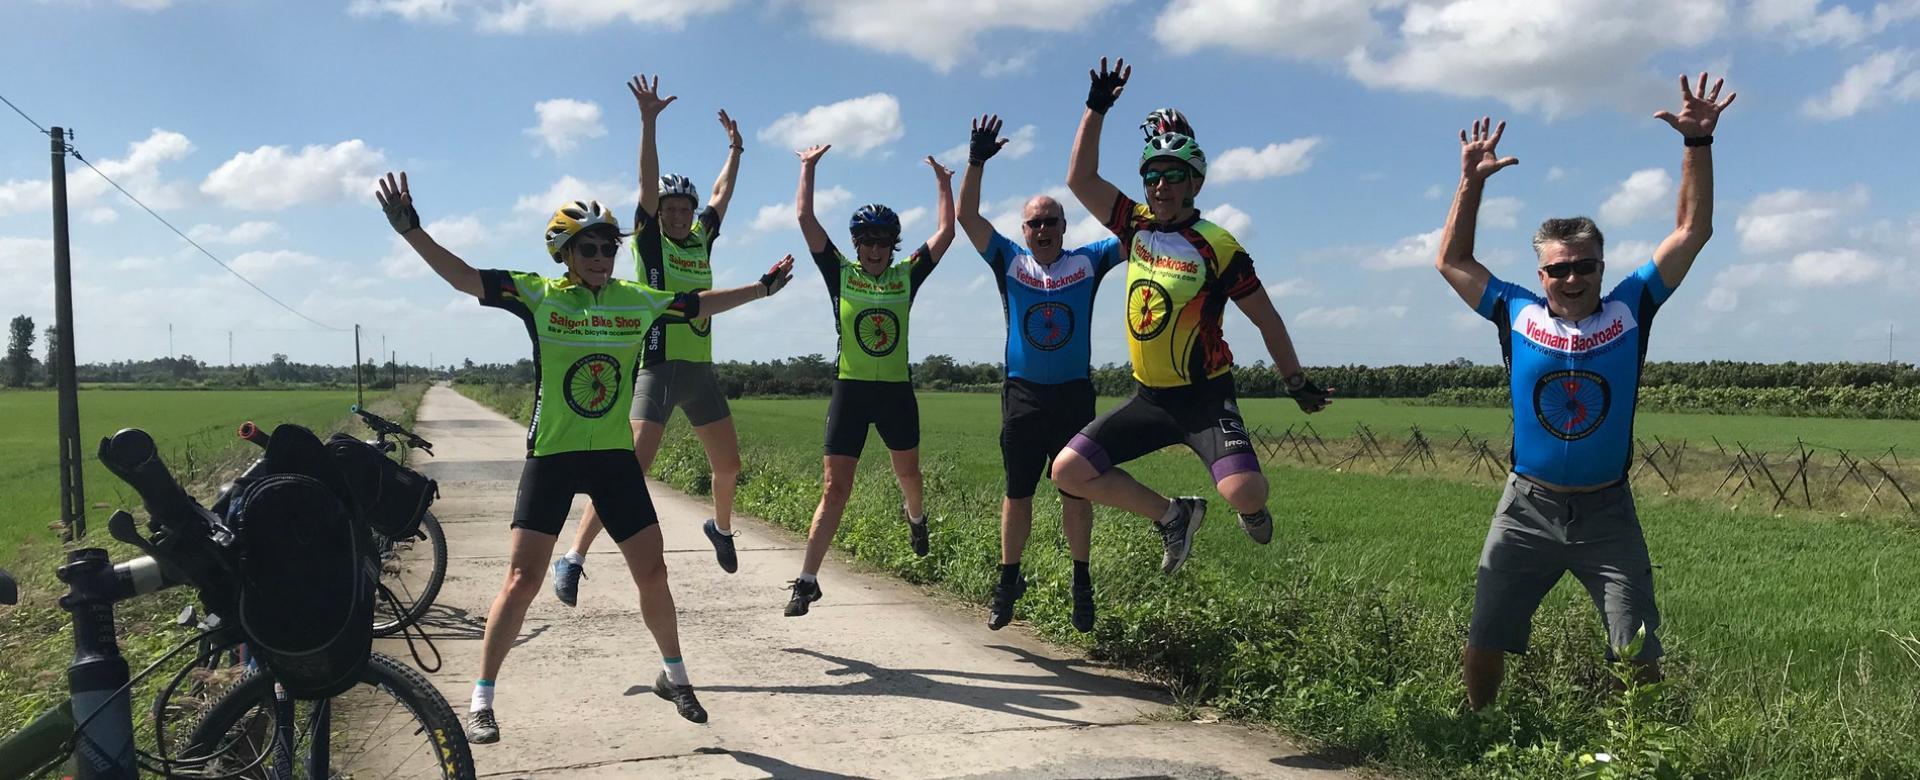 Cycling Mekong Delta 2 days - Saigon Bike Tours